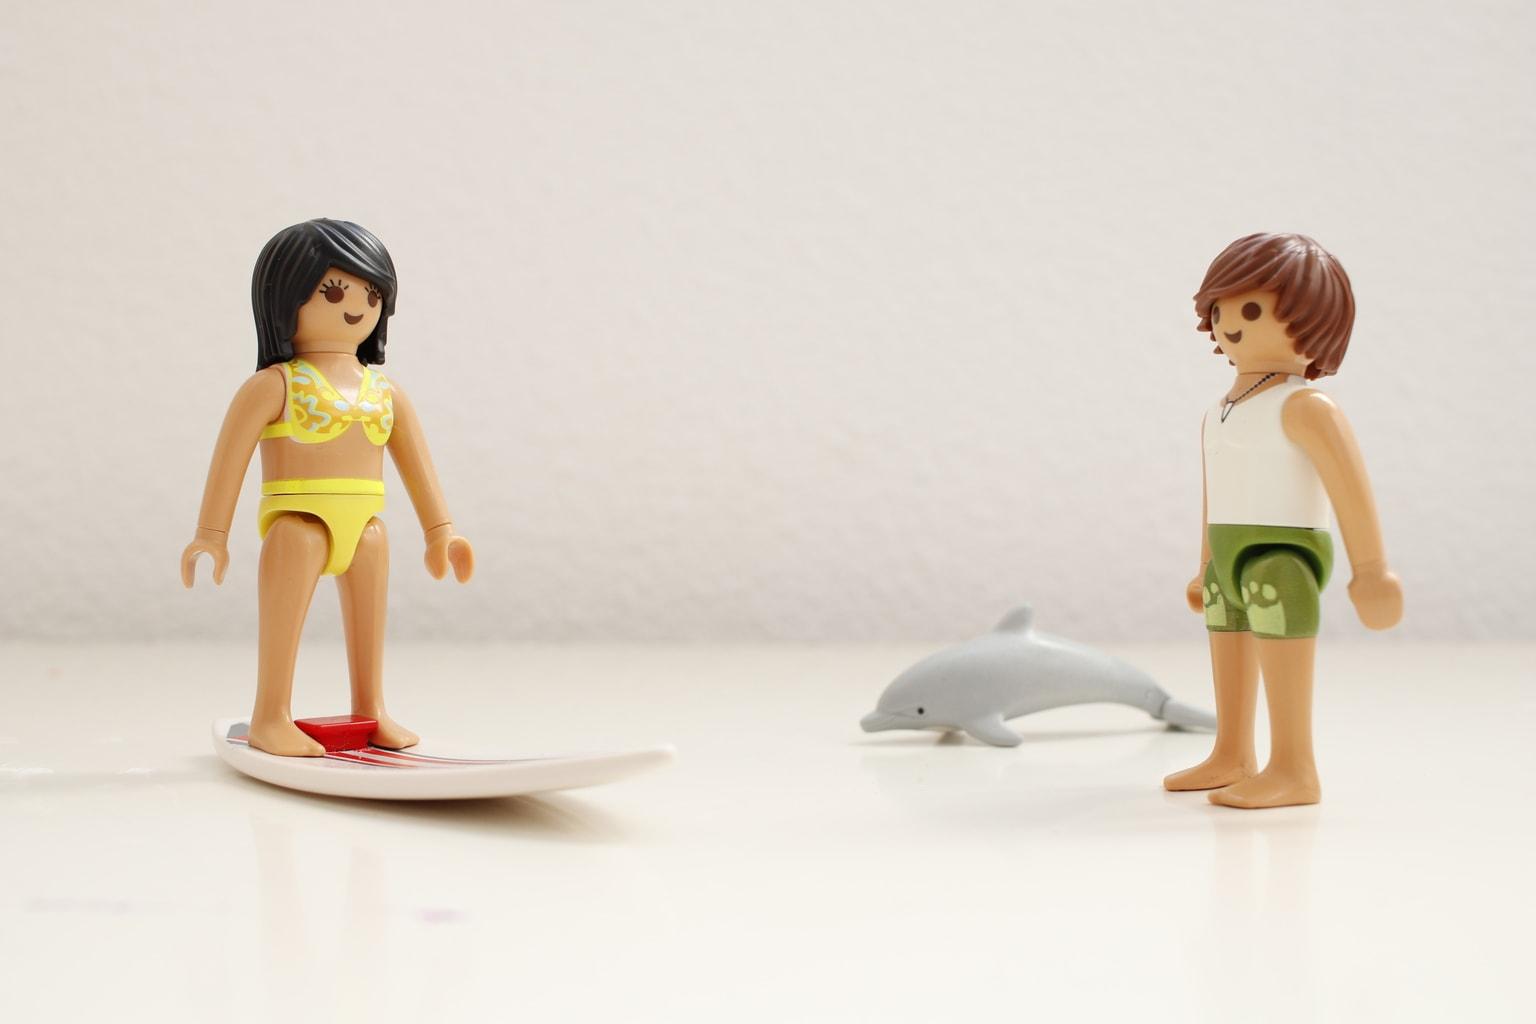 Fotografía de Lego